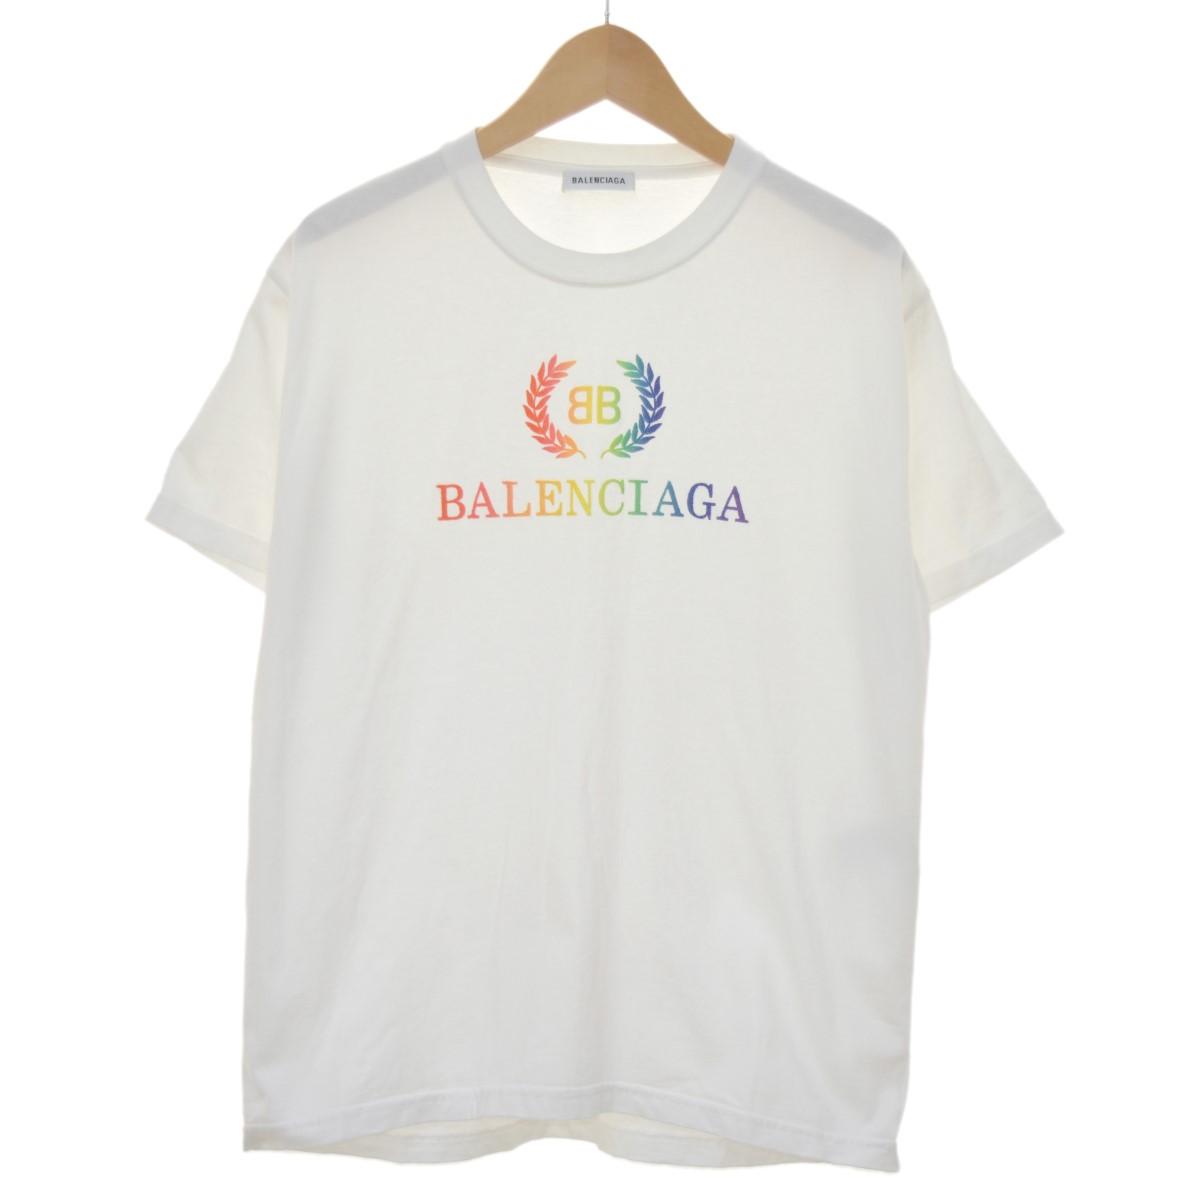 【中古】BALENCIAGA レインボーBBロゴTシャツ ホワイト サイズ:XL 【210420】(バレンシアガ)